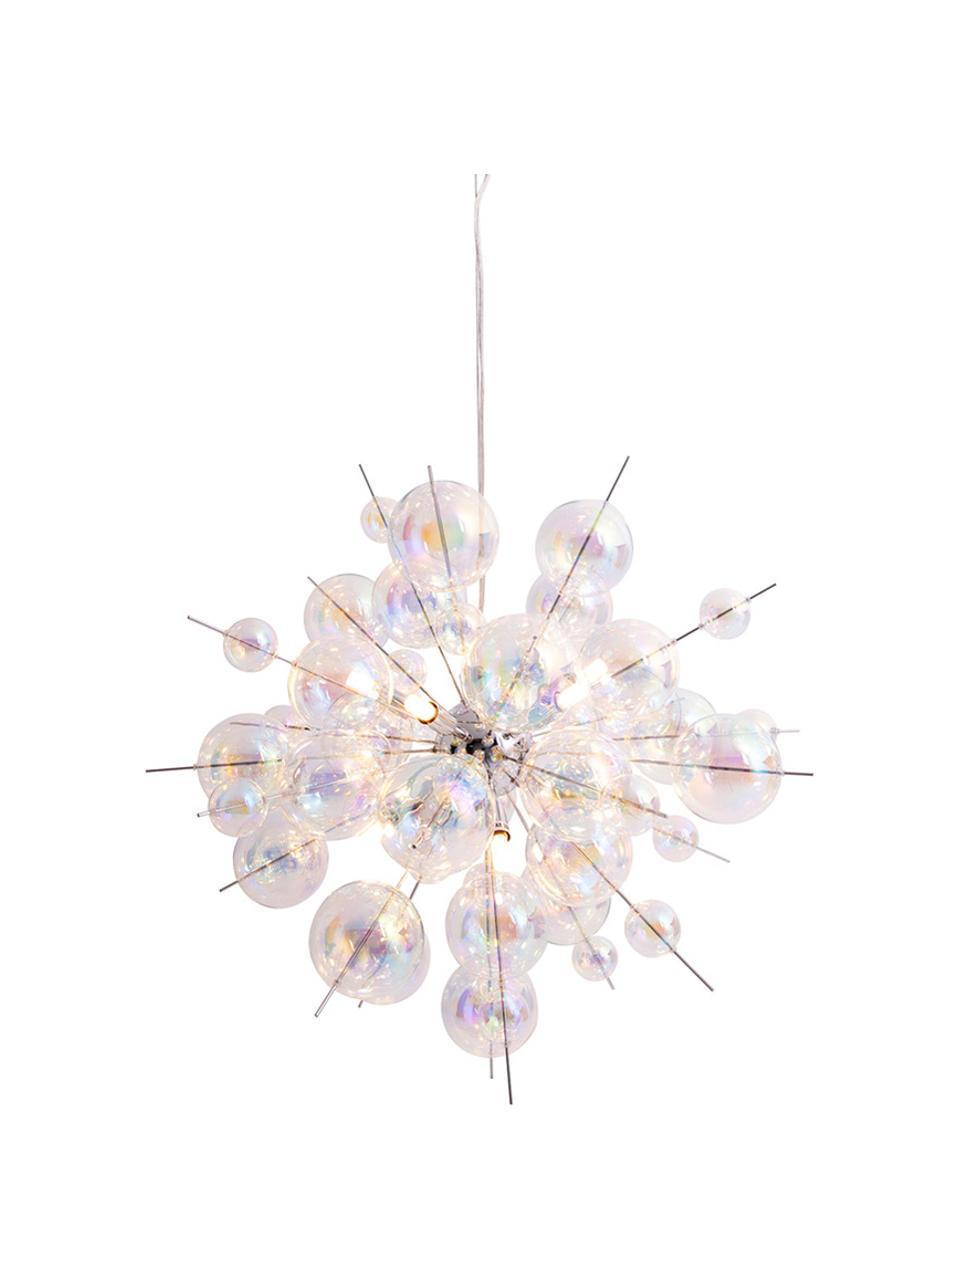 Große Pendelleuchte Explosion aus Glaskugeln, Baldachin: Metall, verchromt, Chrom, Transparent, irisierend, Ø 65 cm